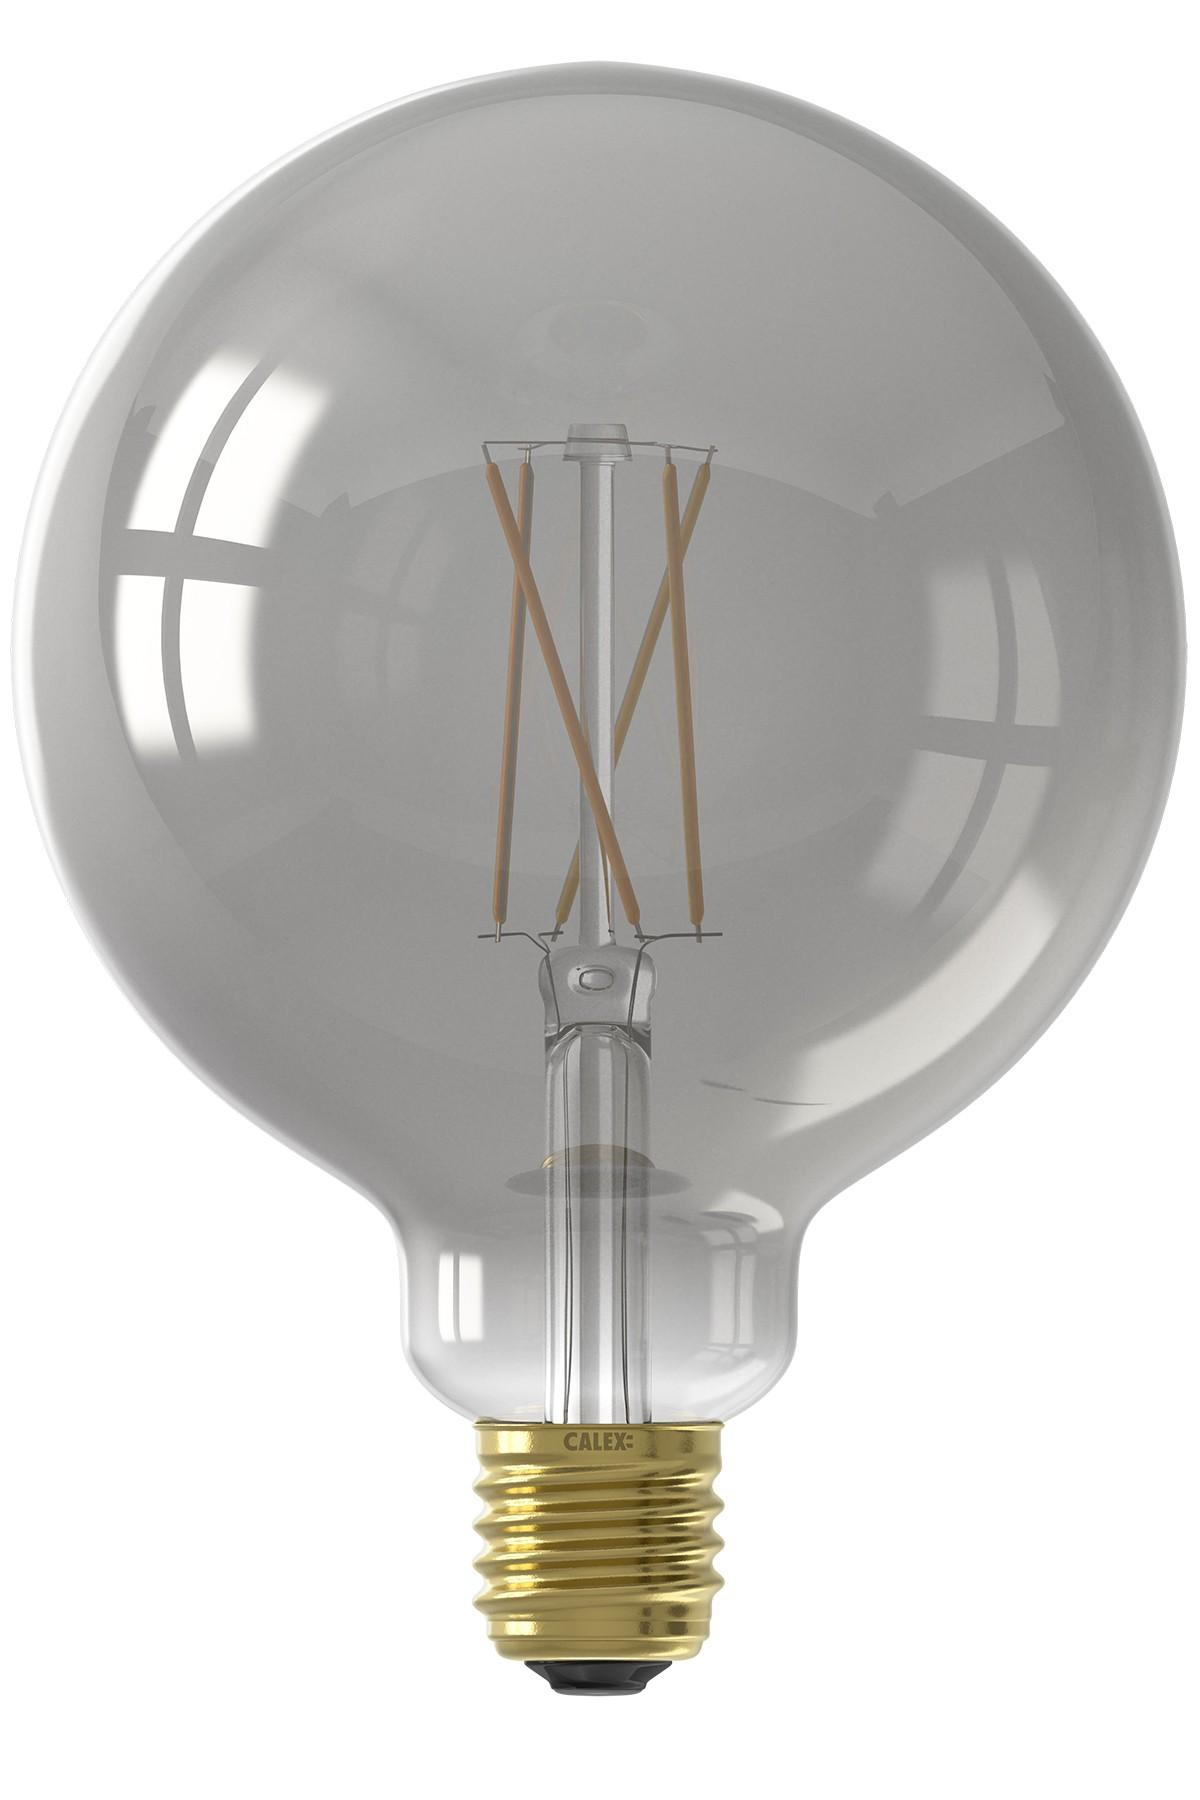 Calex Smart Globe G125 LED lamp 7W 400lm 1800-3000K